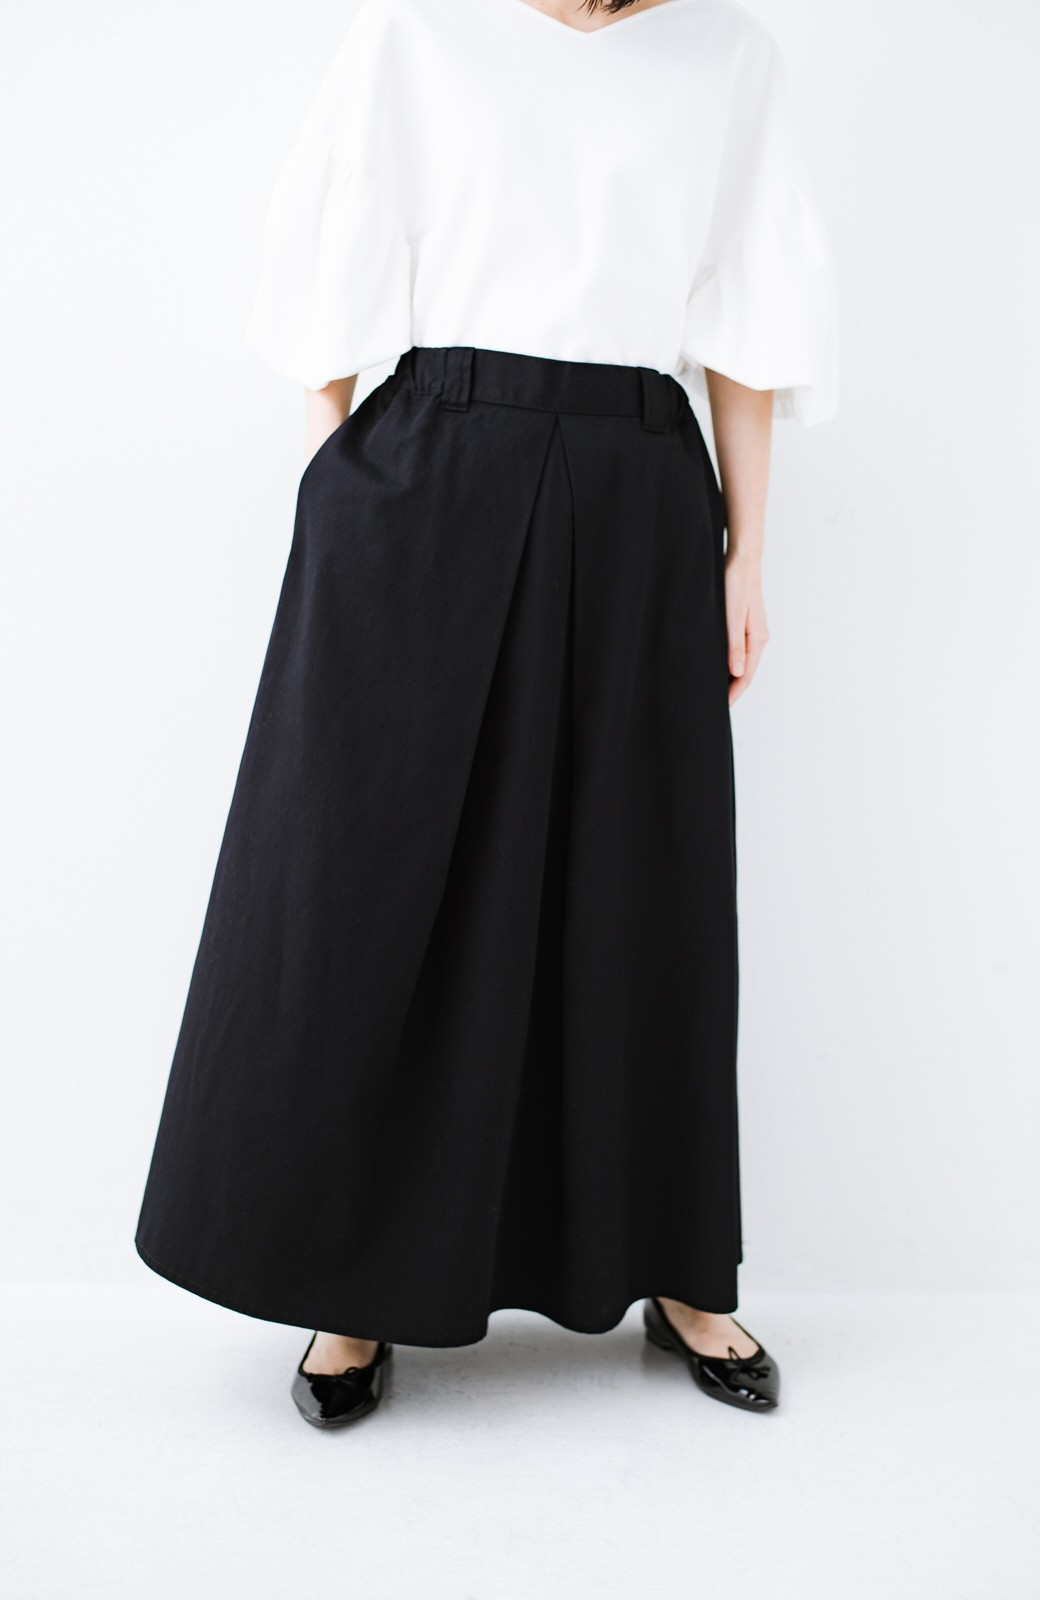 haco! ロングシーズン楽しめる タックボリュームのチノロングスカート <ブラック>の商品写真5